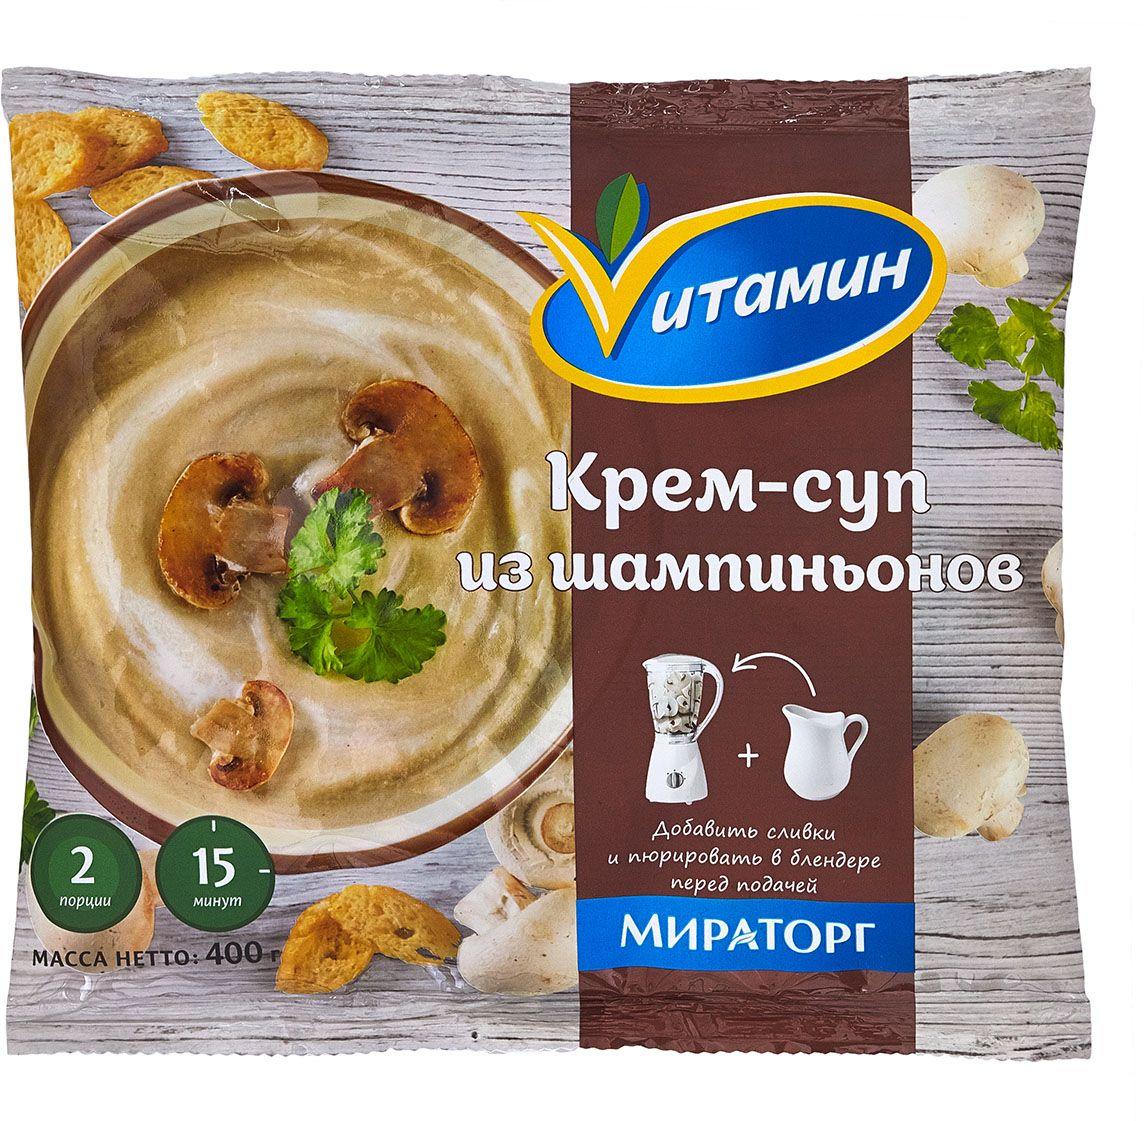 Крем-суп из шампиньонов Vитамин, 400 г